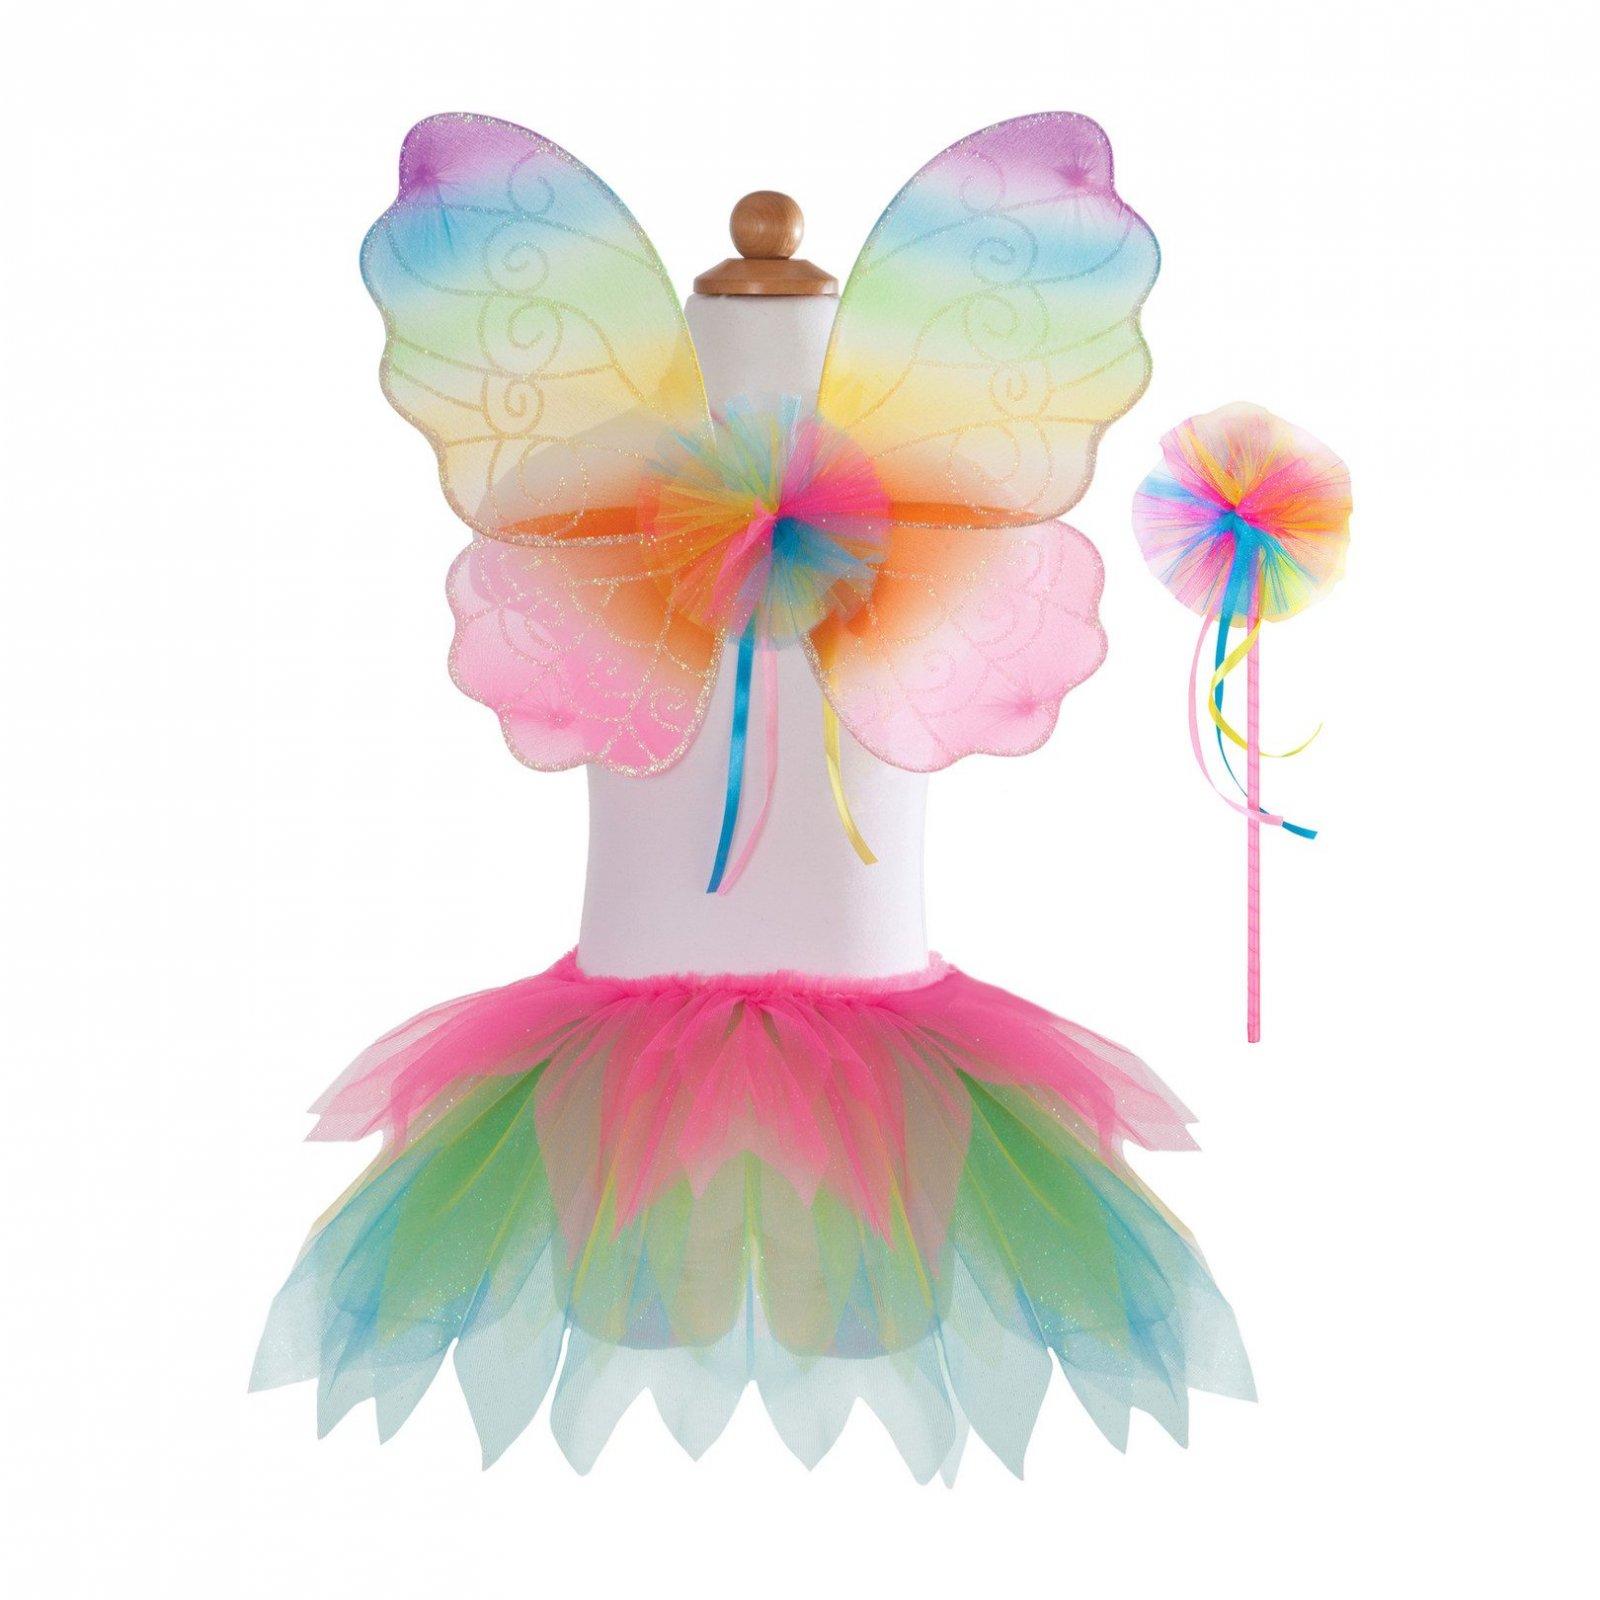 Neon Rainbow Skirt/Wings/Wand 4/7